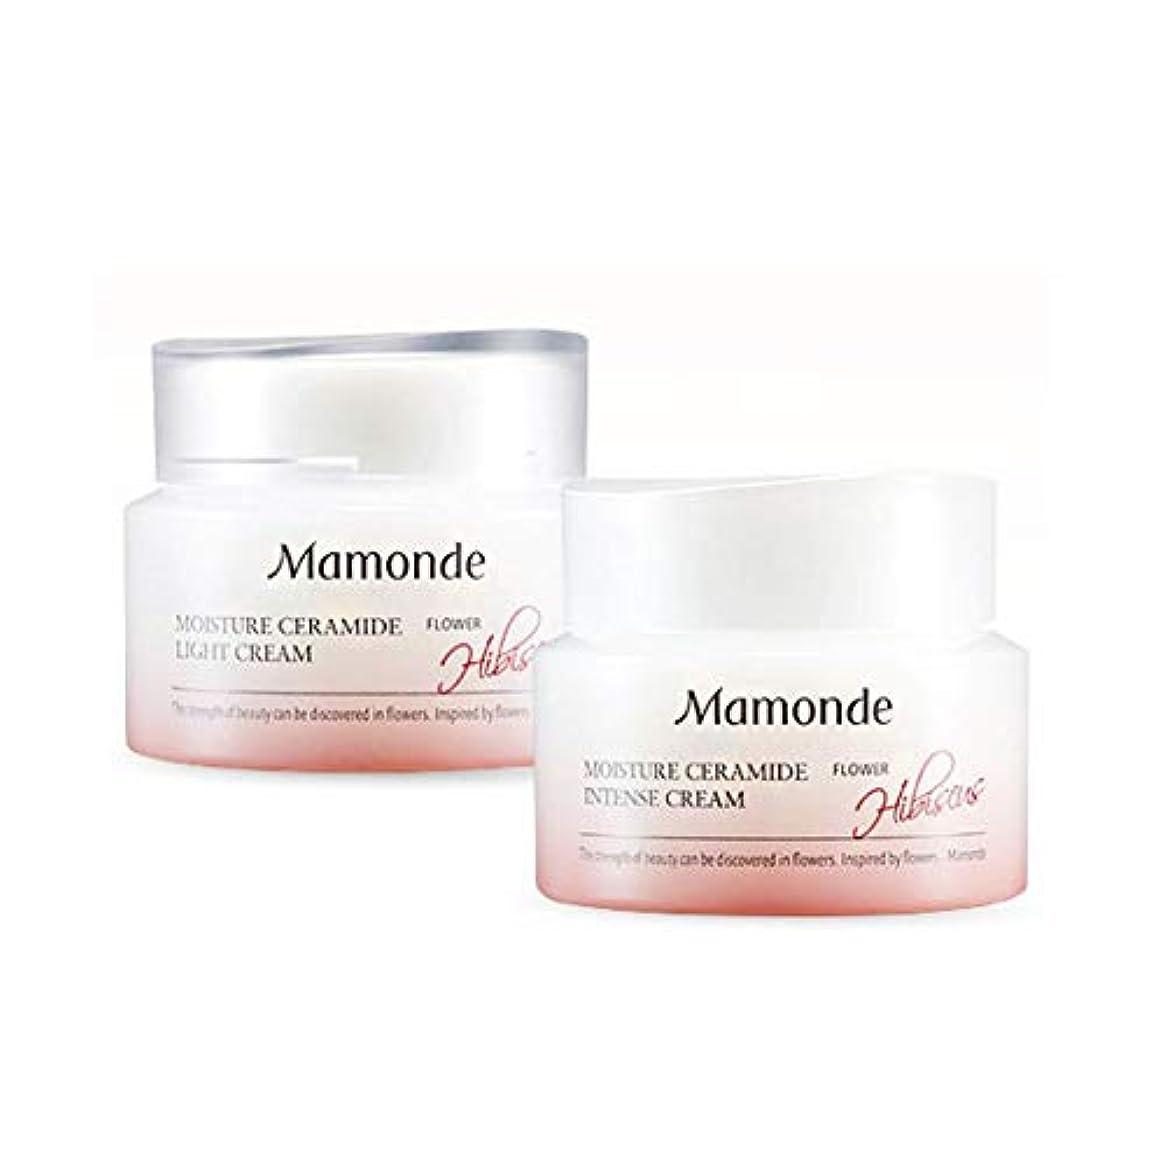 組み合わせ栄光非常にマモンドモイスチャーセラミドインテンスクリーム50mlx2本セット韓国コスメ、Mamonde Moisture Ceramide Intense Cream 50ml x 2ea Set Korean Cosmetics [並行輸入品]